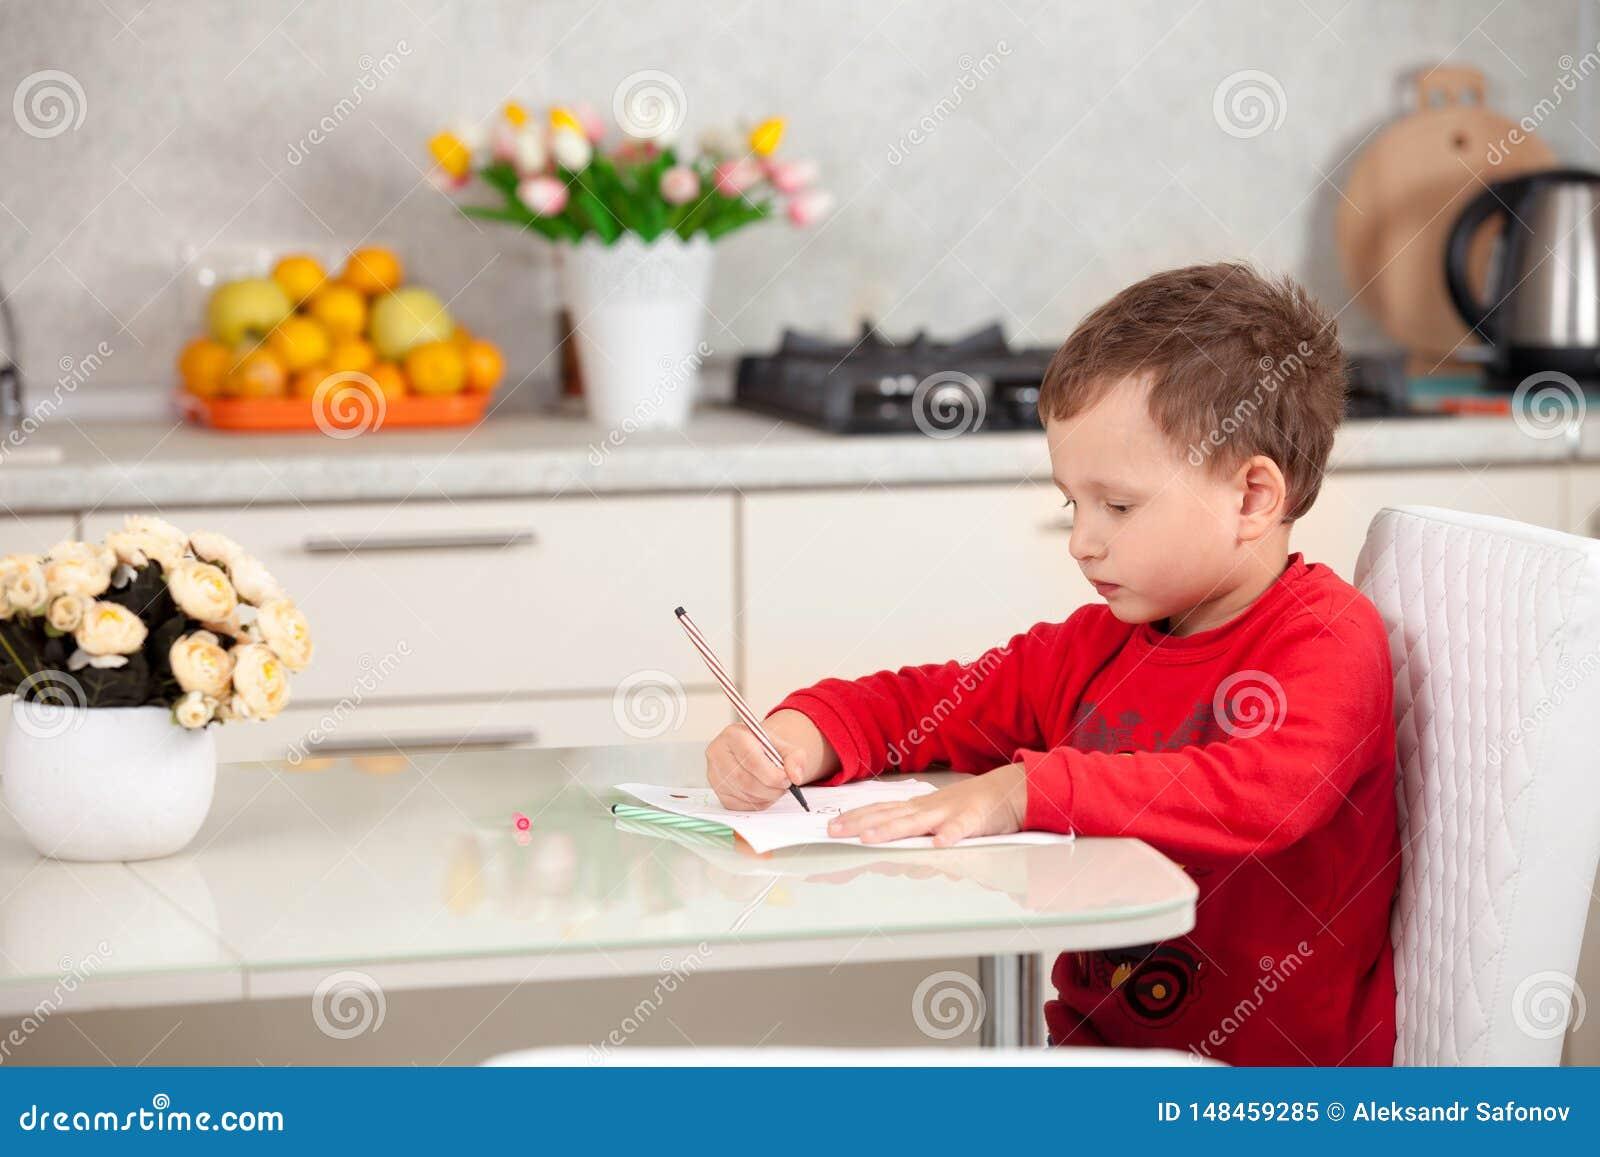 Inspirado por el muchacho dibuja una imagen en el papel en la tabla